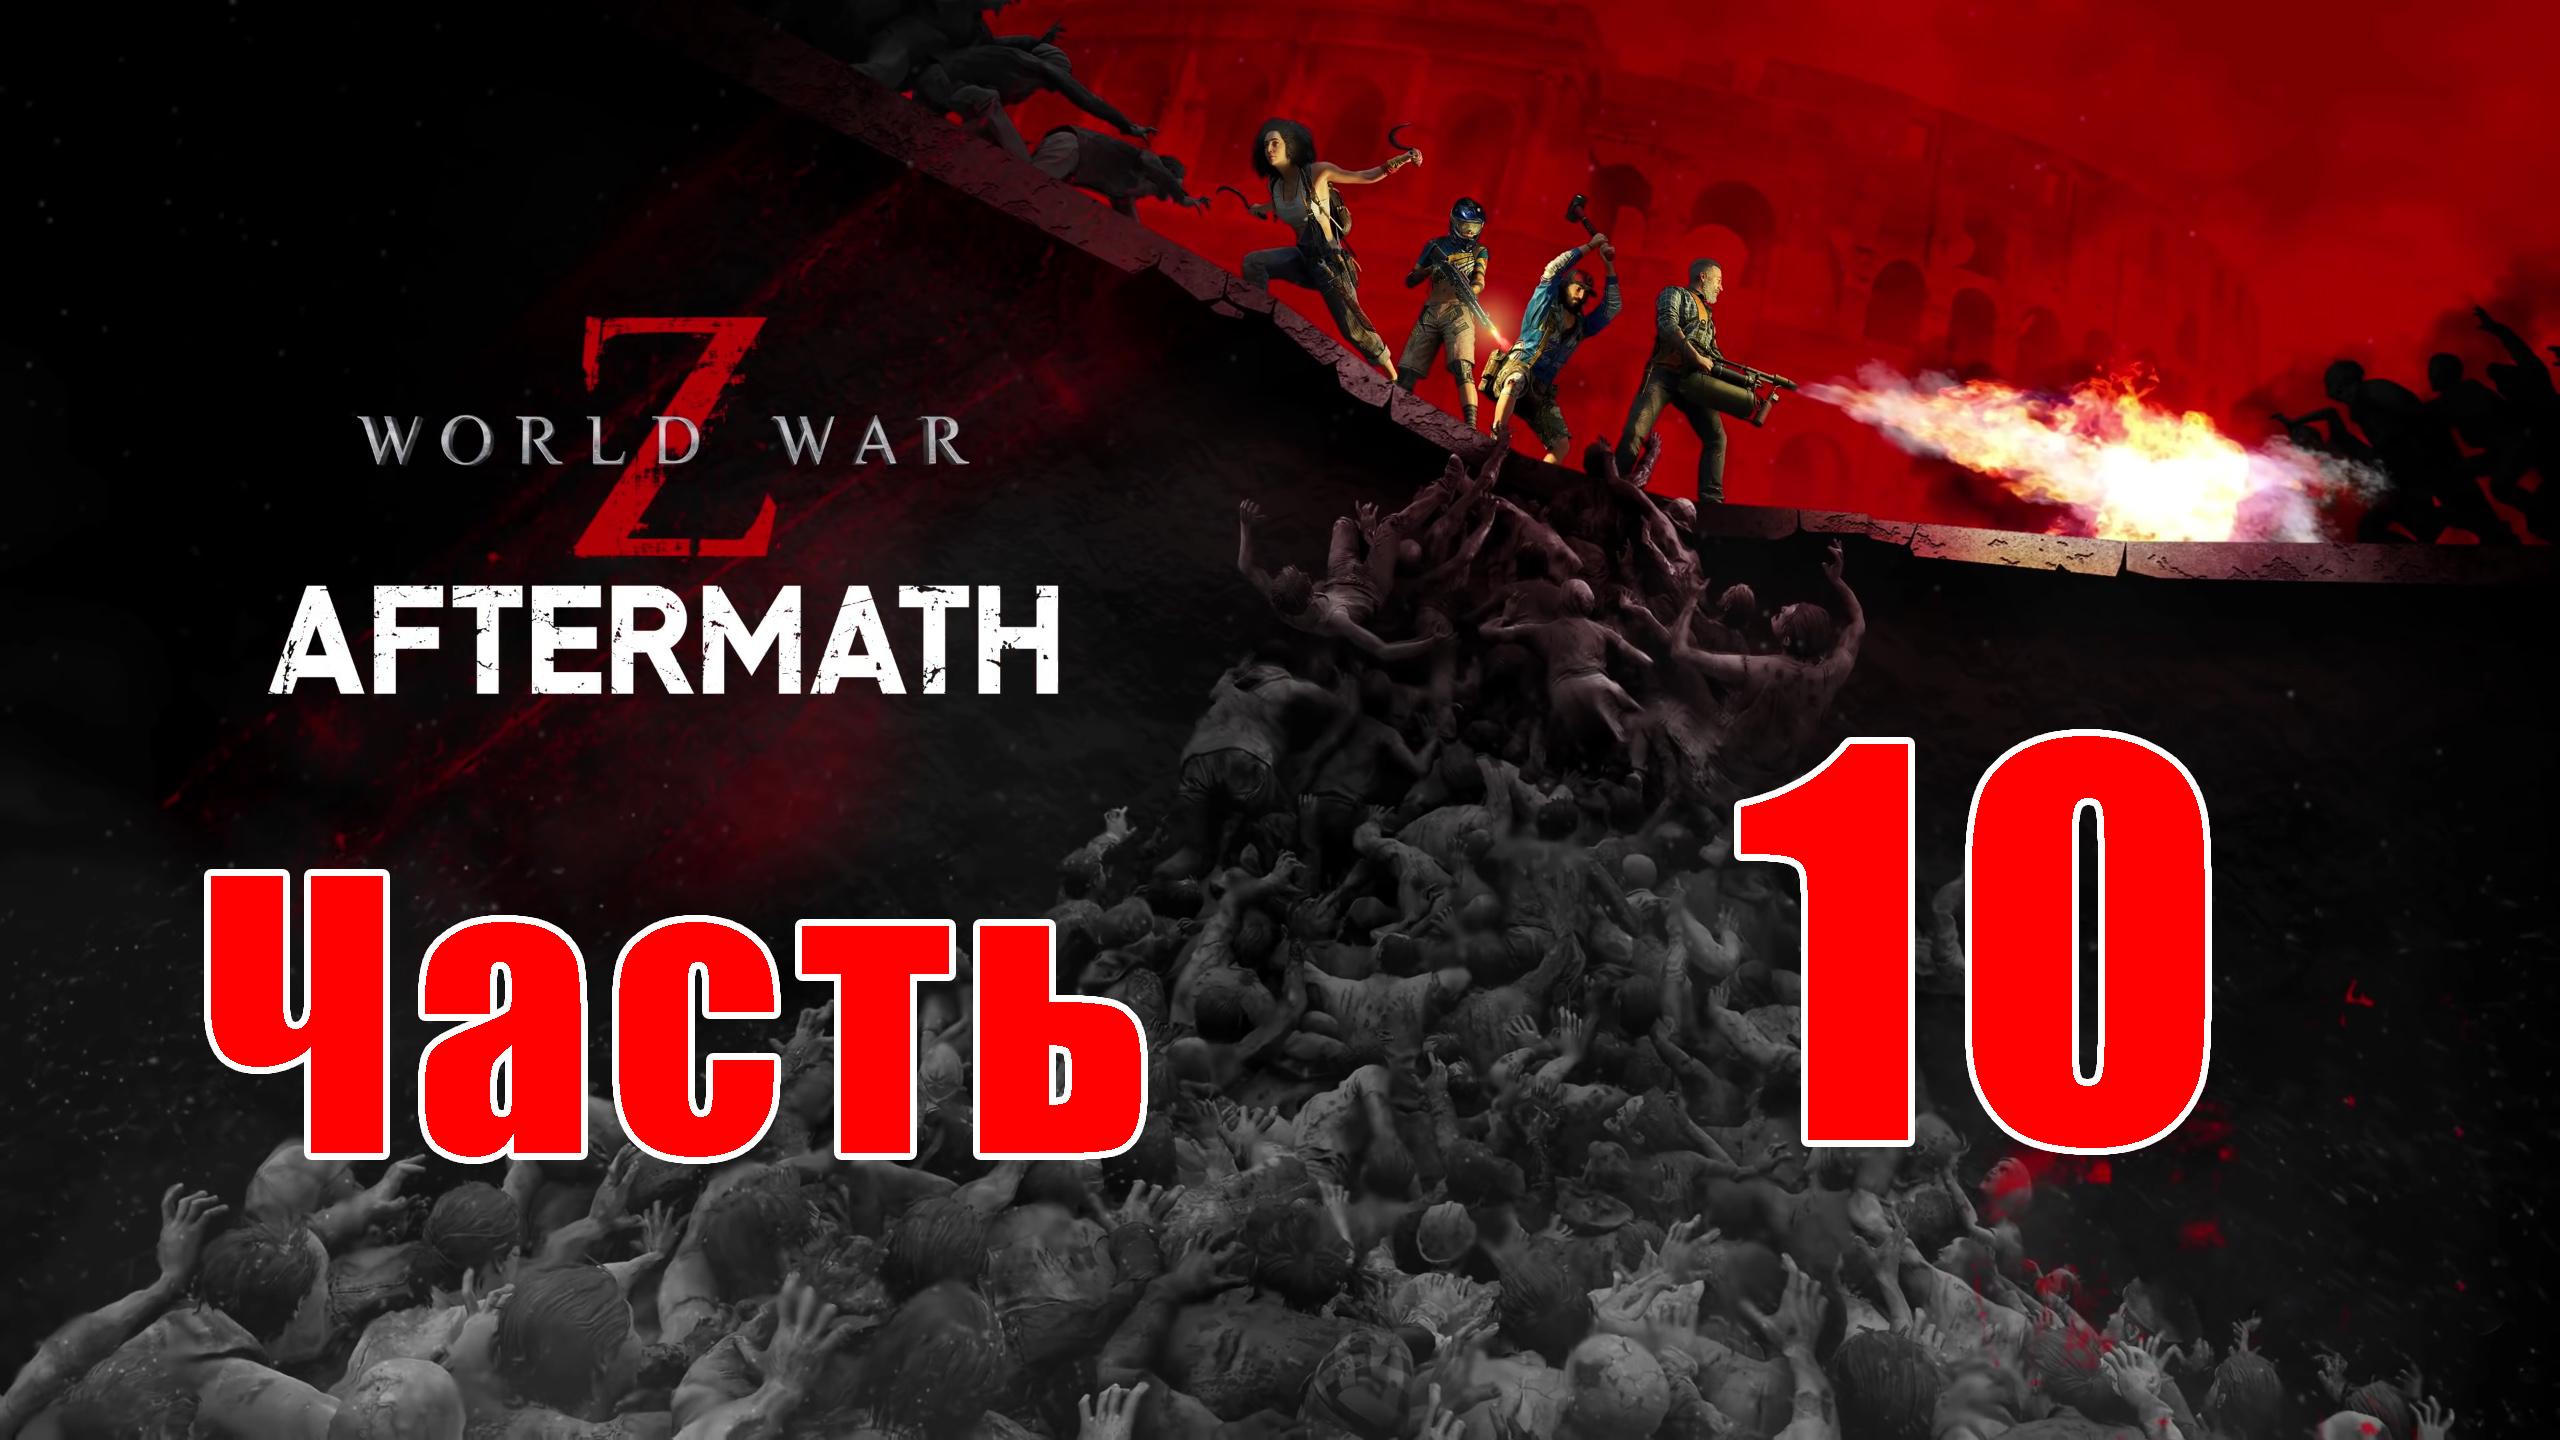 КАМЧАТКА ➤ World War Z Aftermath - на ПК ➤ Прохождение # 10 ➤